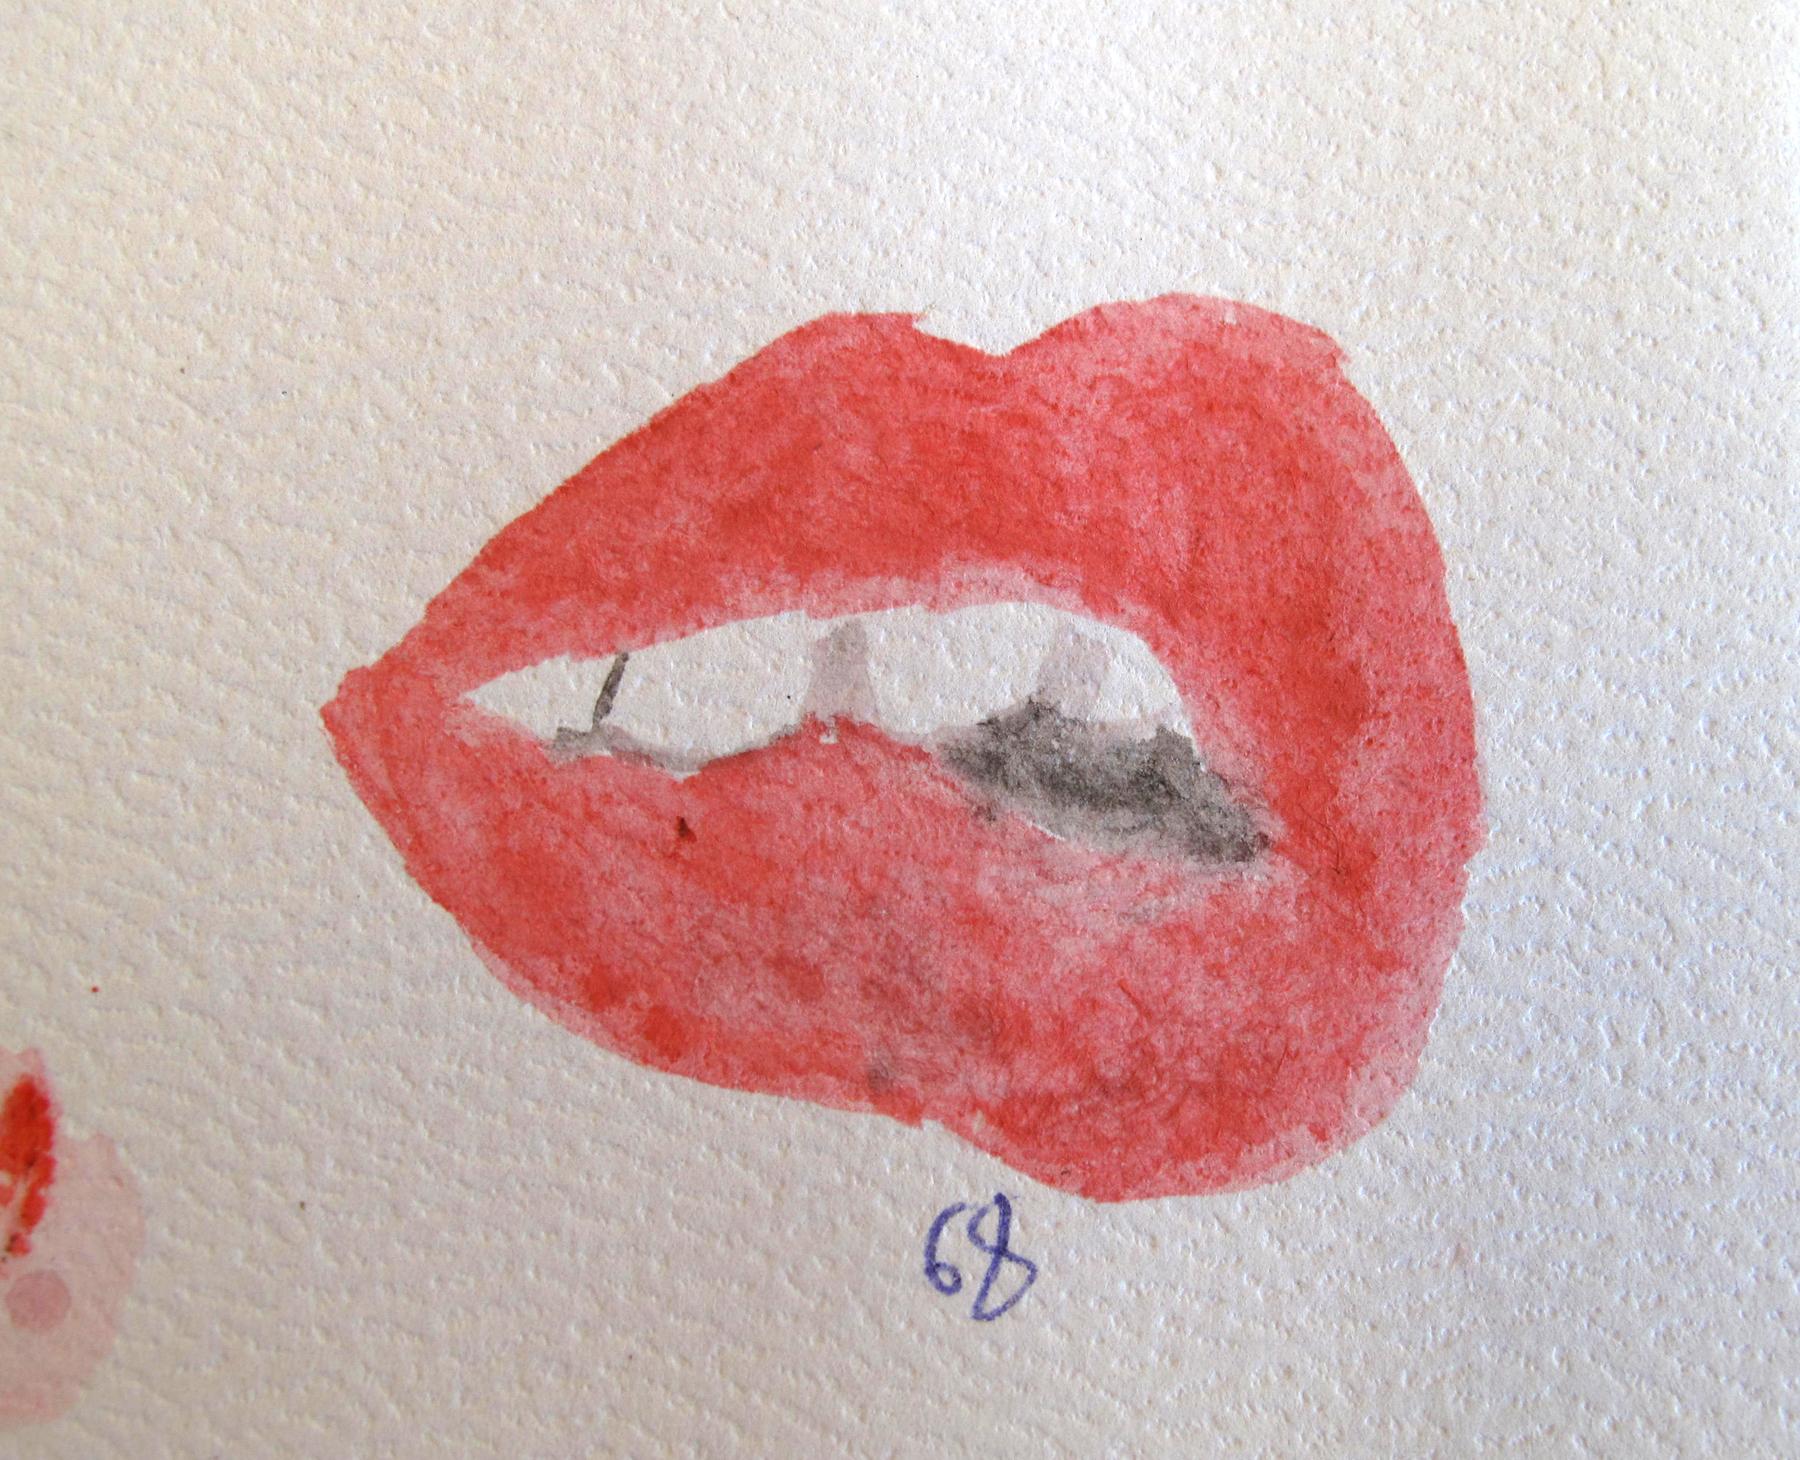 Pamela-lips.JPG